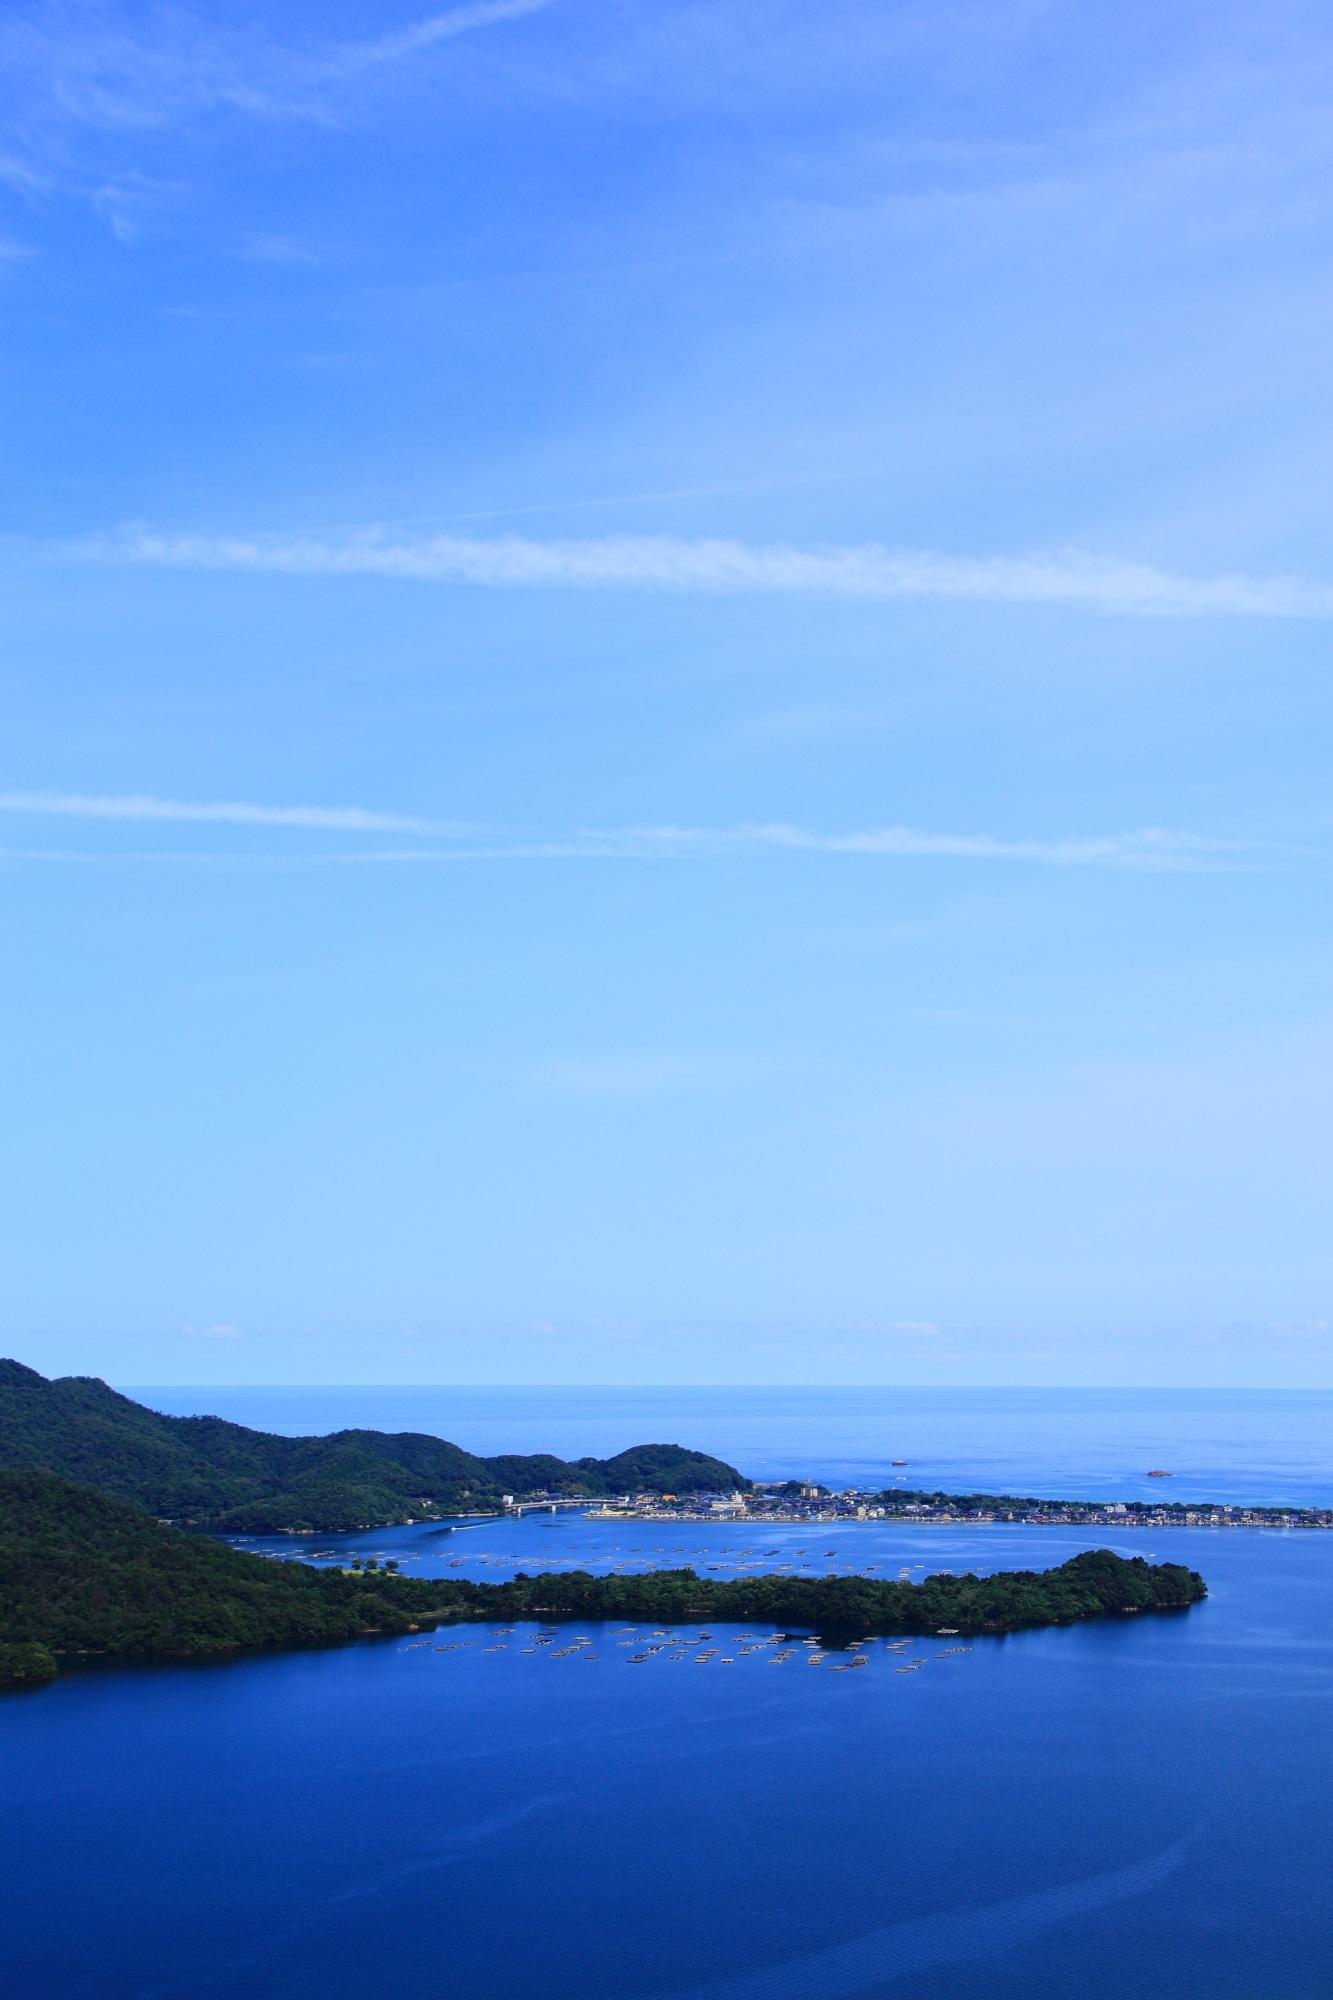 久美浜湾の穏やかで優雅な青い絶景